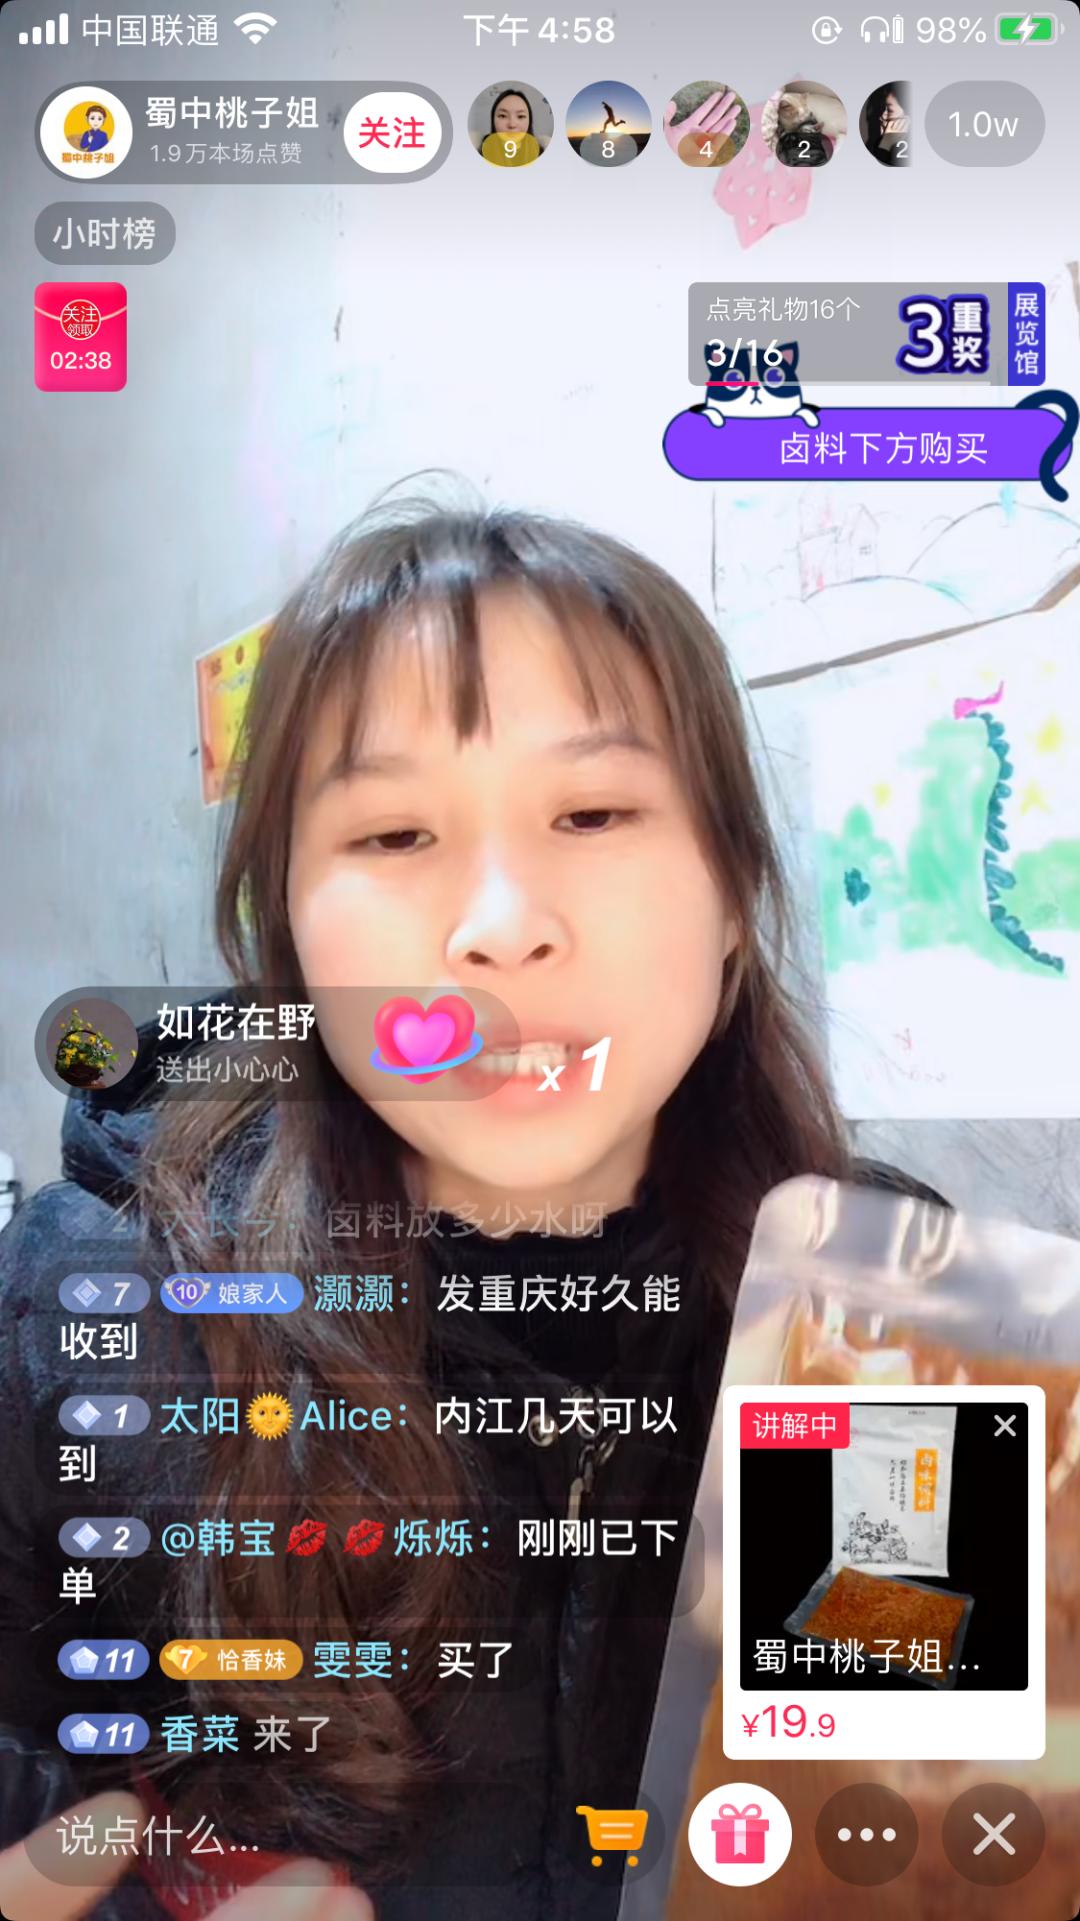 """@游三2个月增粉400W,抖音用户为何越来越痴迷""""乡土风""""?"""